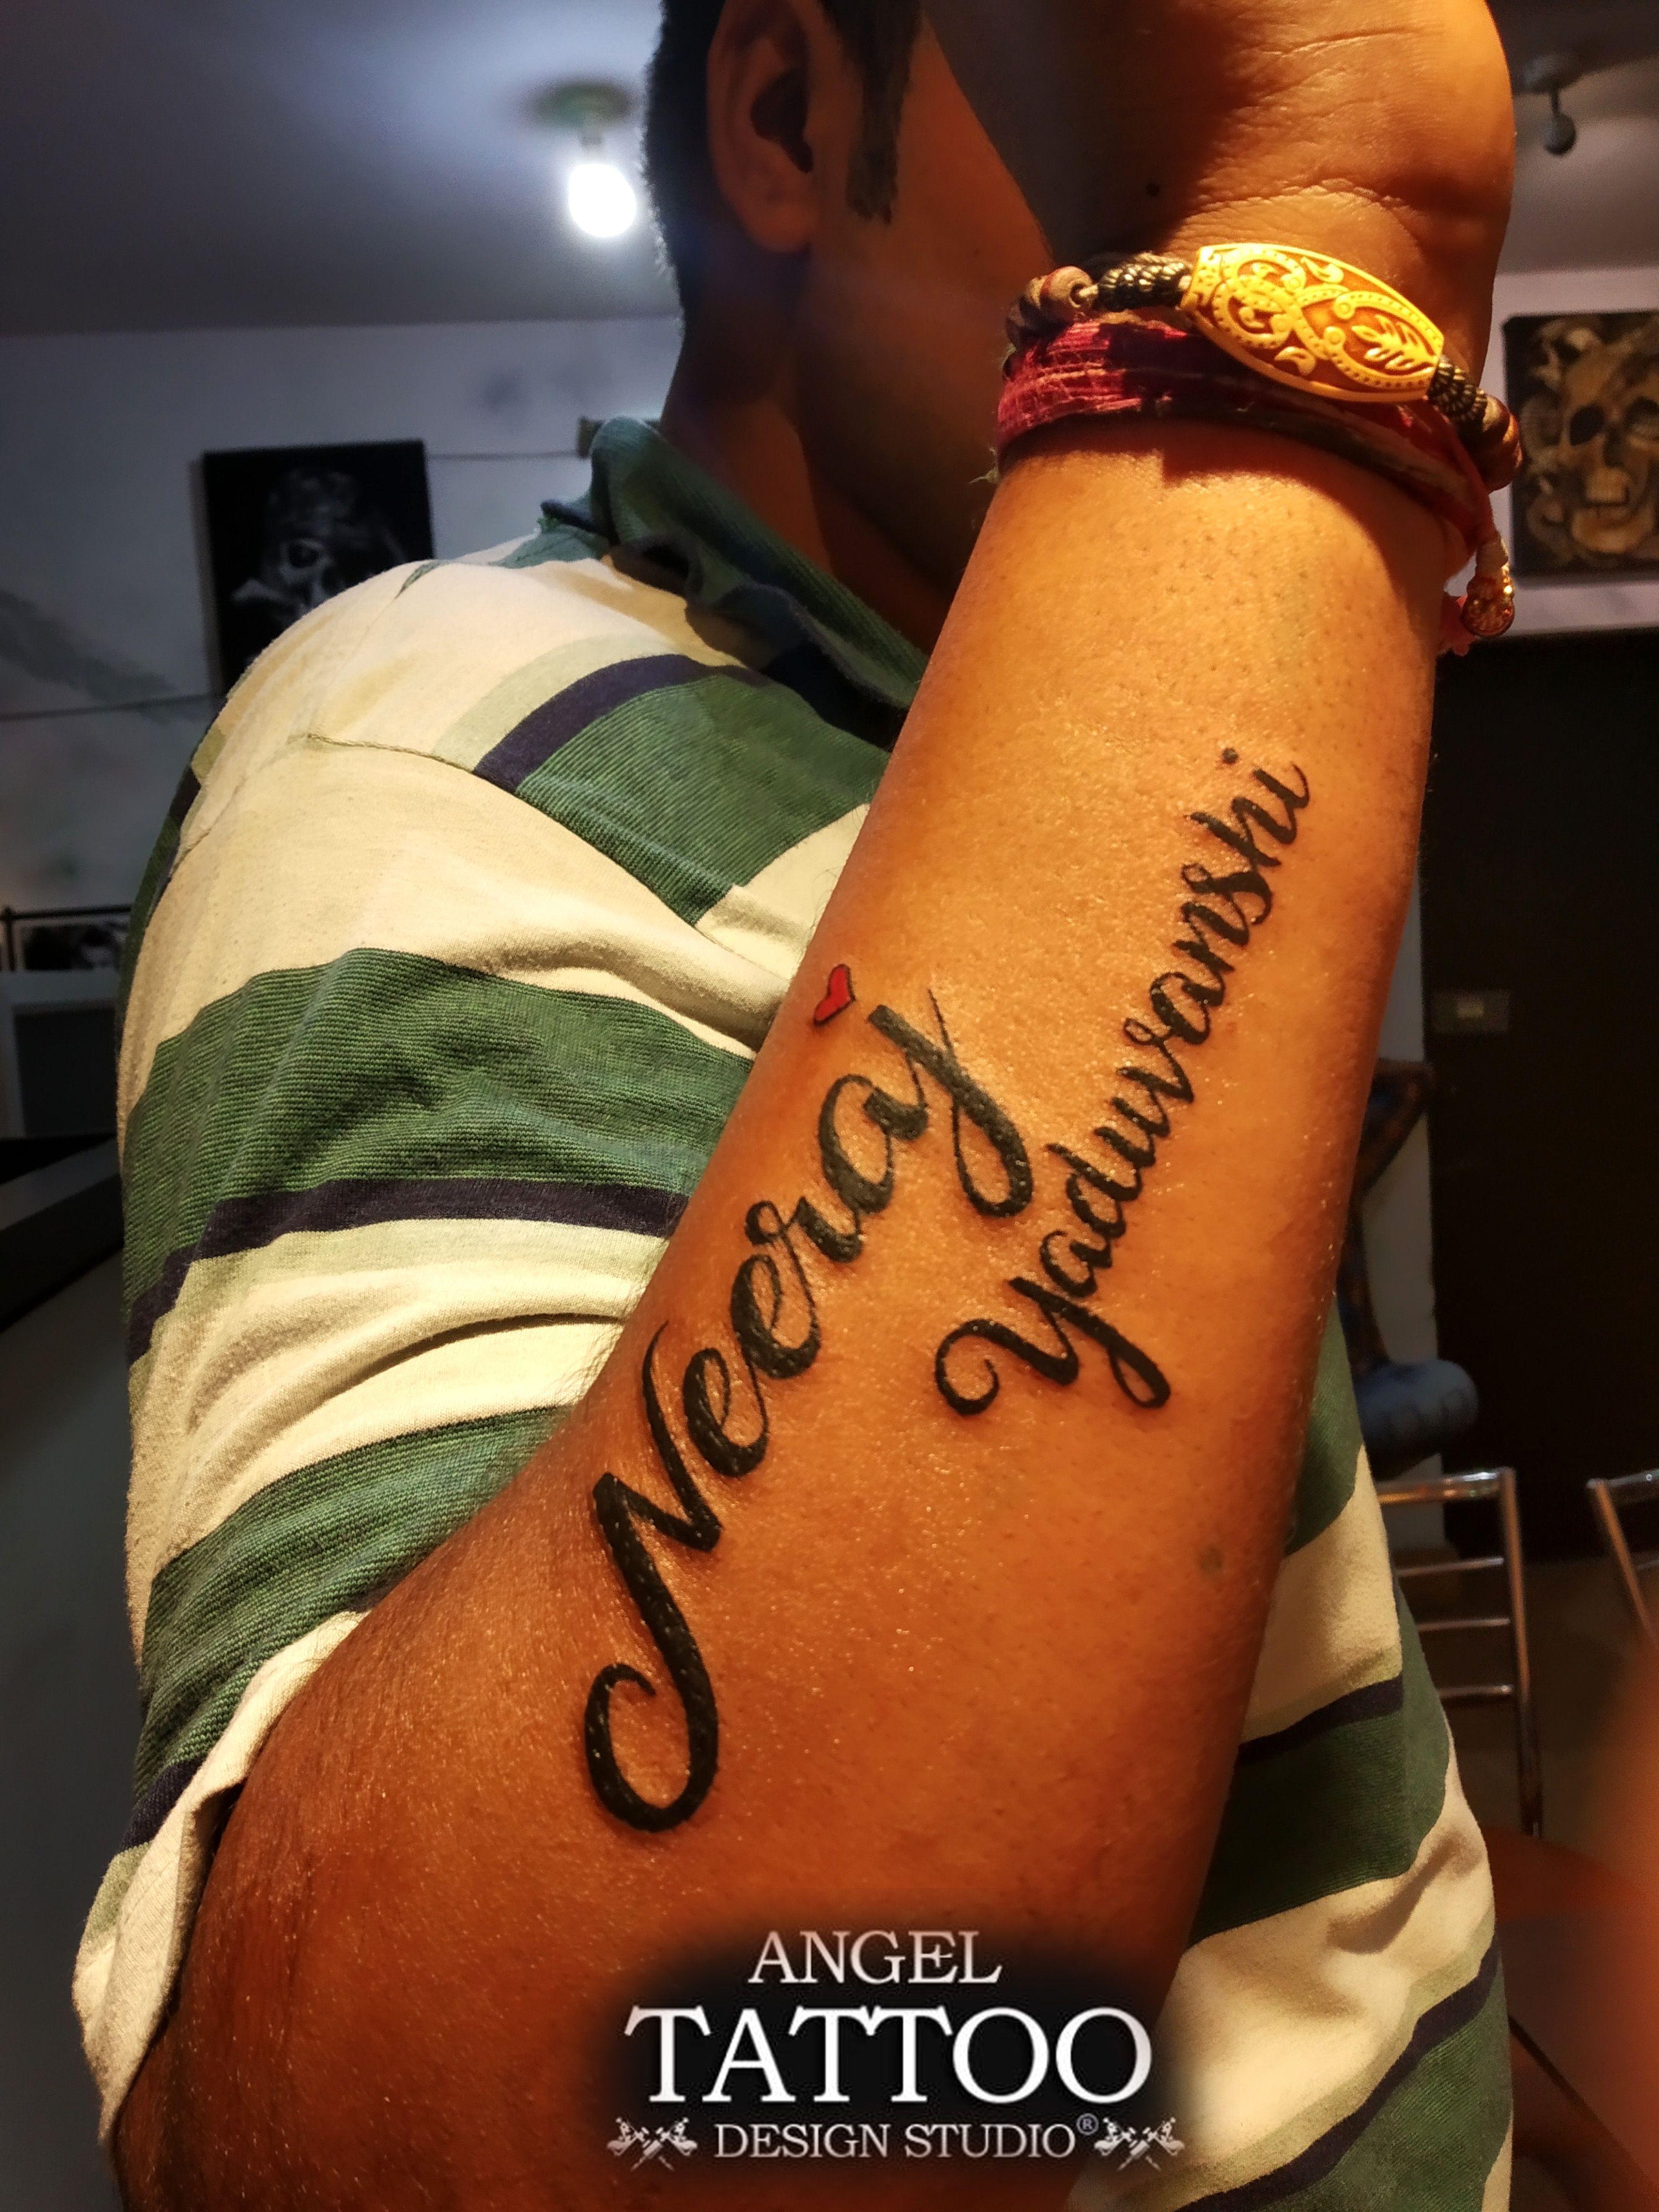 d3f286558 Neeraj name tattoo : made at Angel Tattoo Design Studio #name tattoo  #neeraj #neeraj-name-tattoo